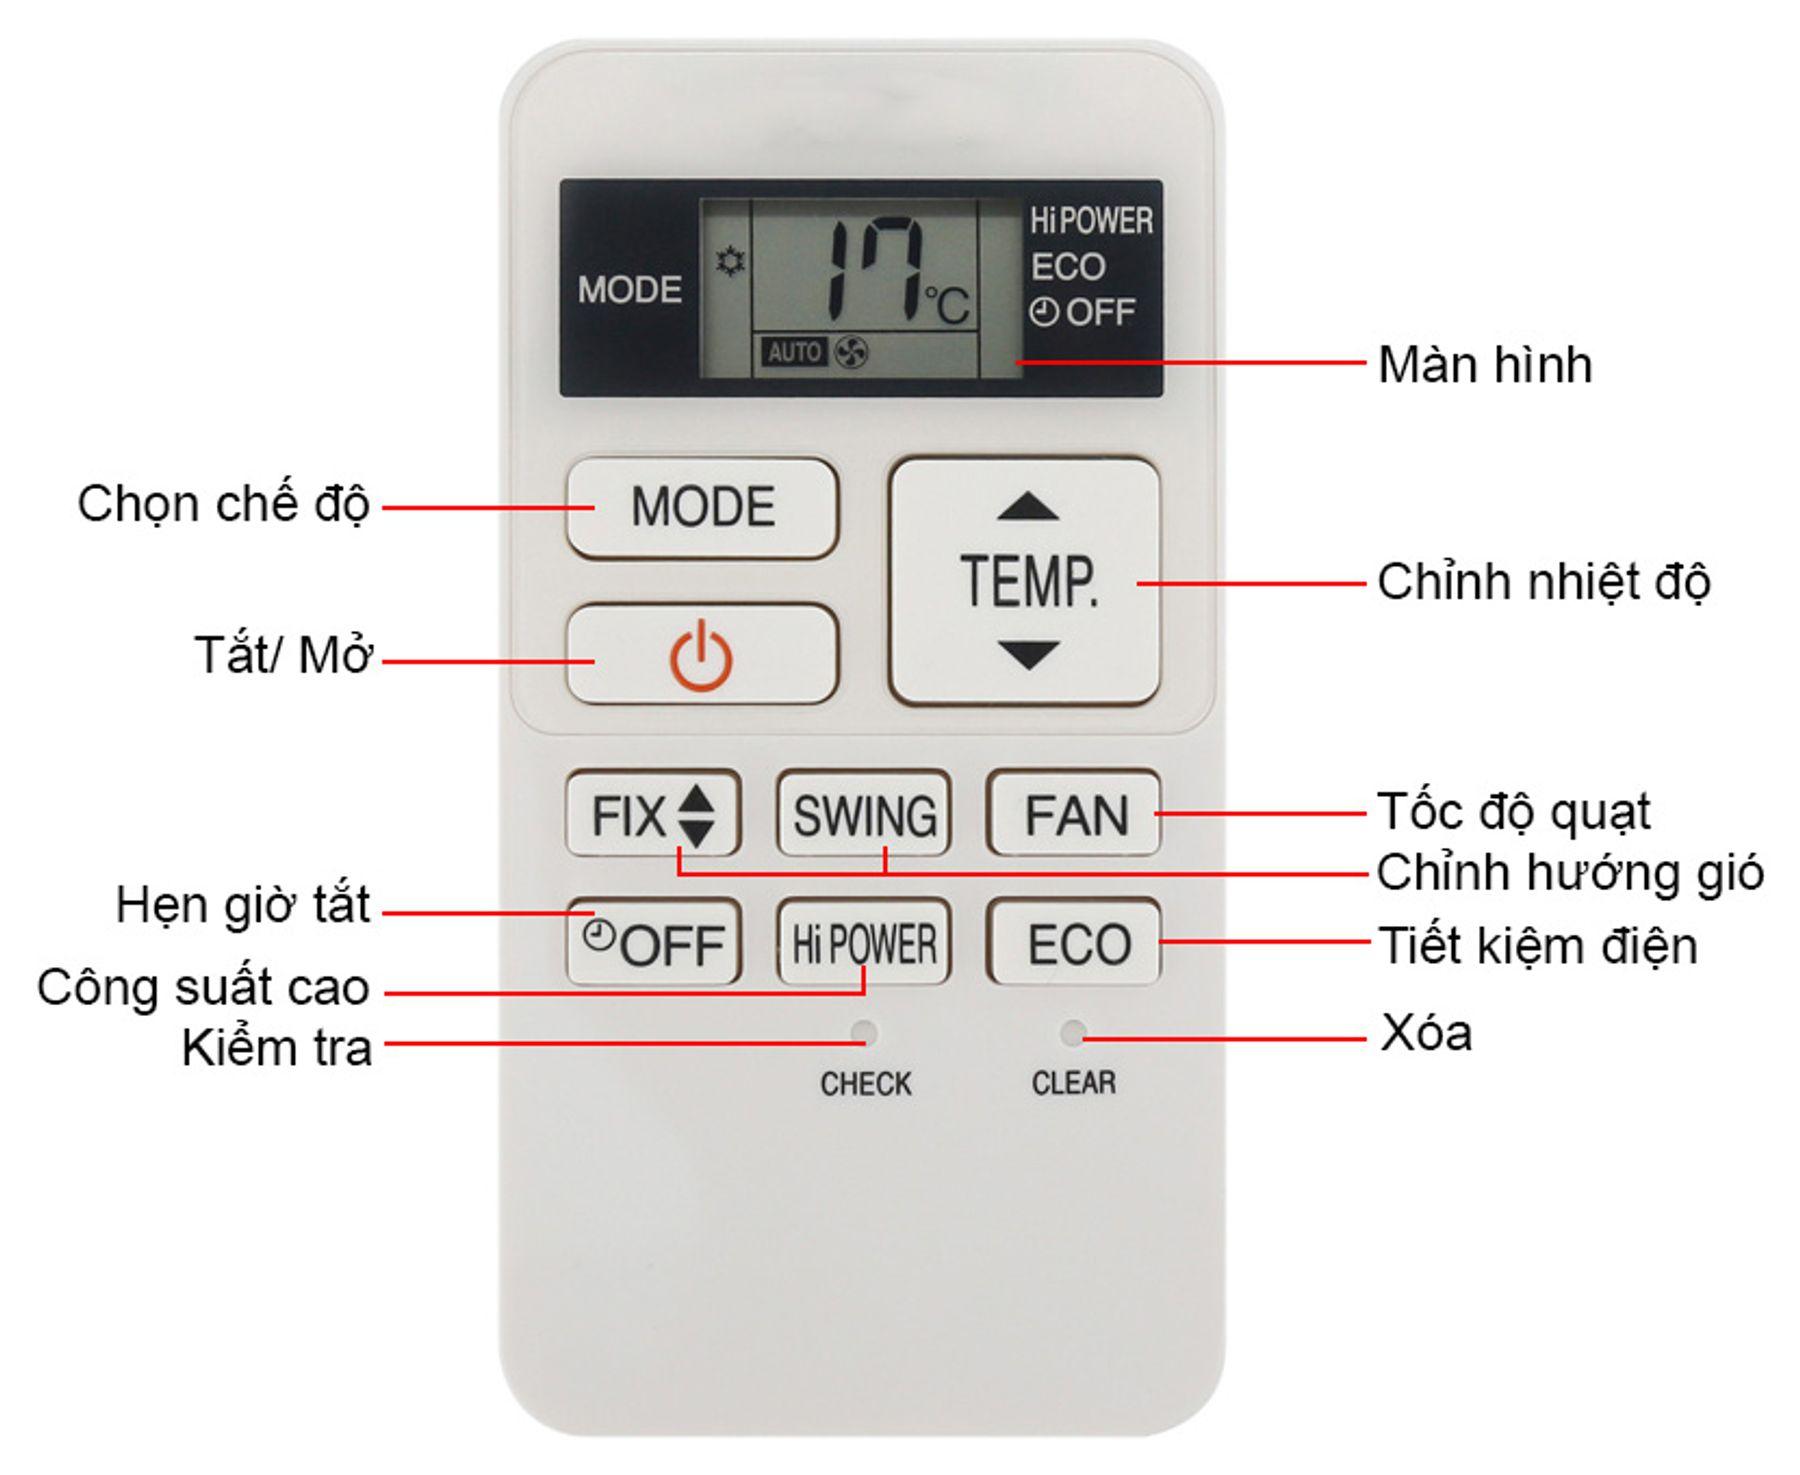 Bật, điều chỉnh remote máy lạnh đủ công suất